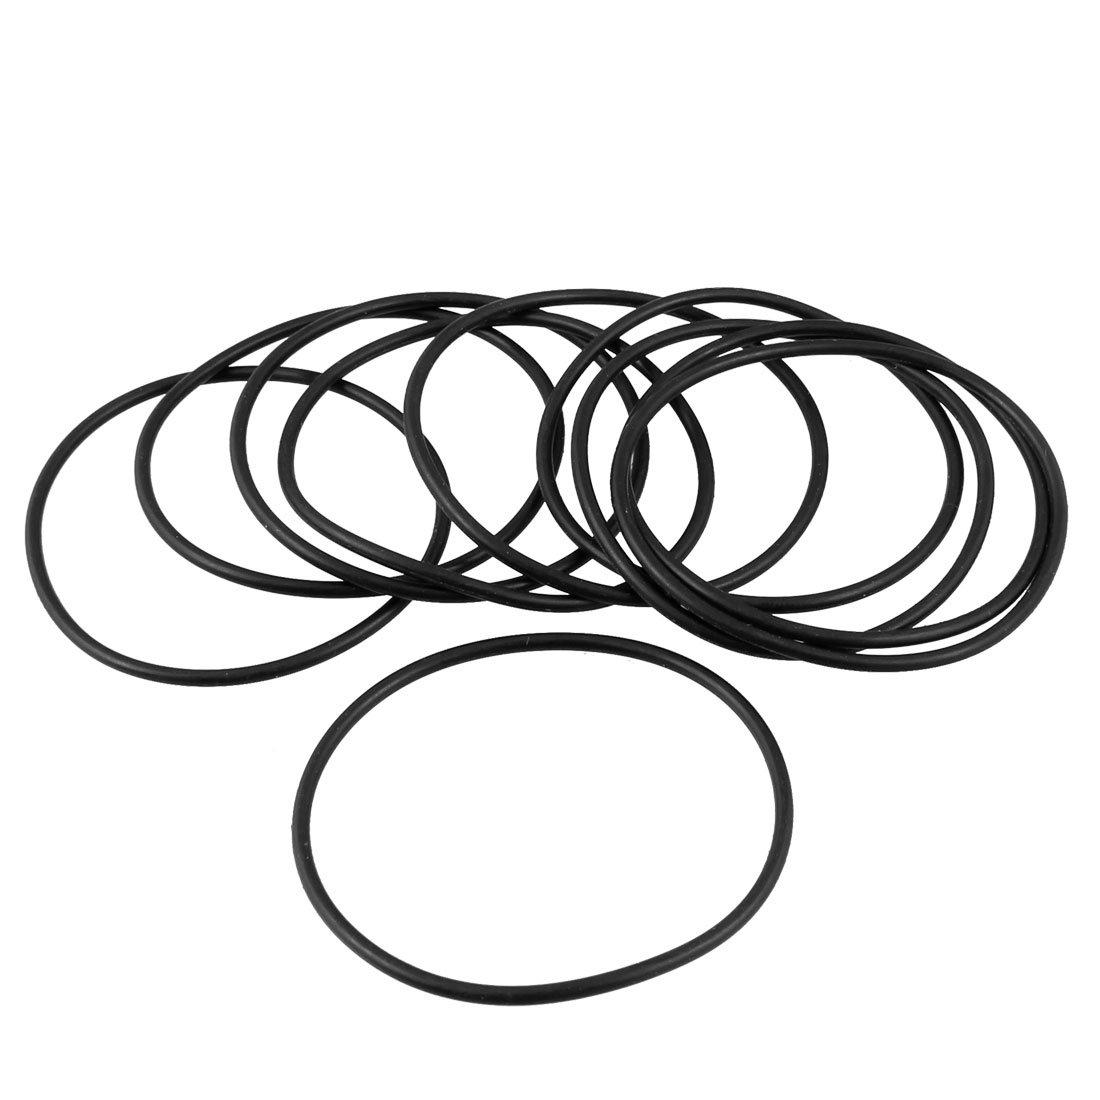 46 mm x 42 mm x 2 MM CAOUTCHOUC DE JOINT TORIQUE DE FILTRE A HUILE ET DE Joints de 10 anneaux sourcingmap a13010800ux0621